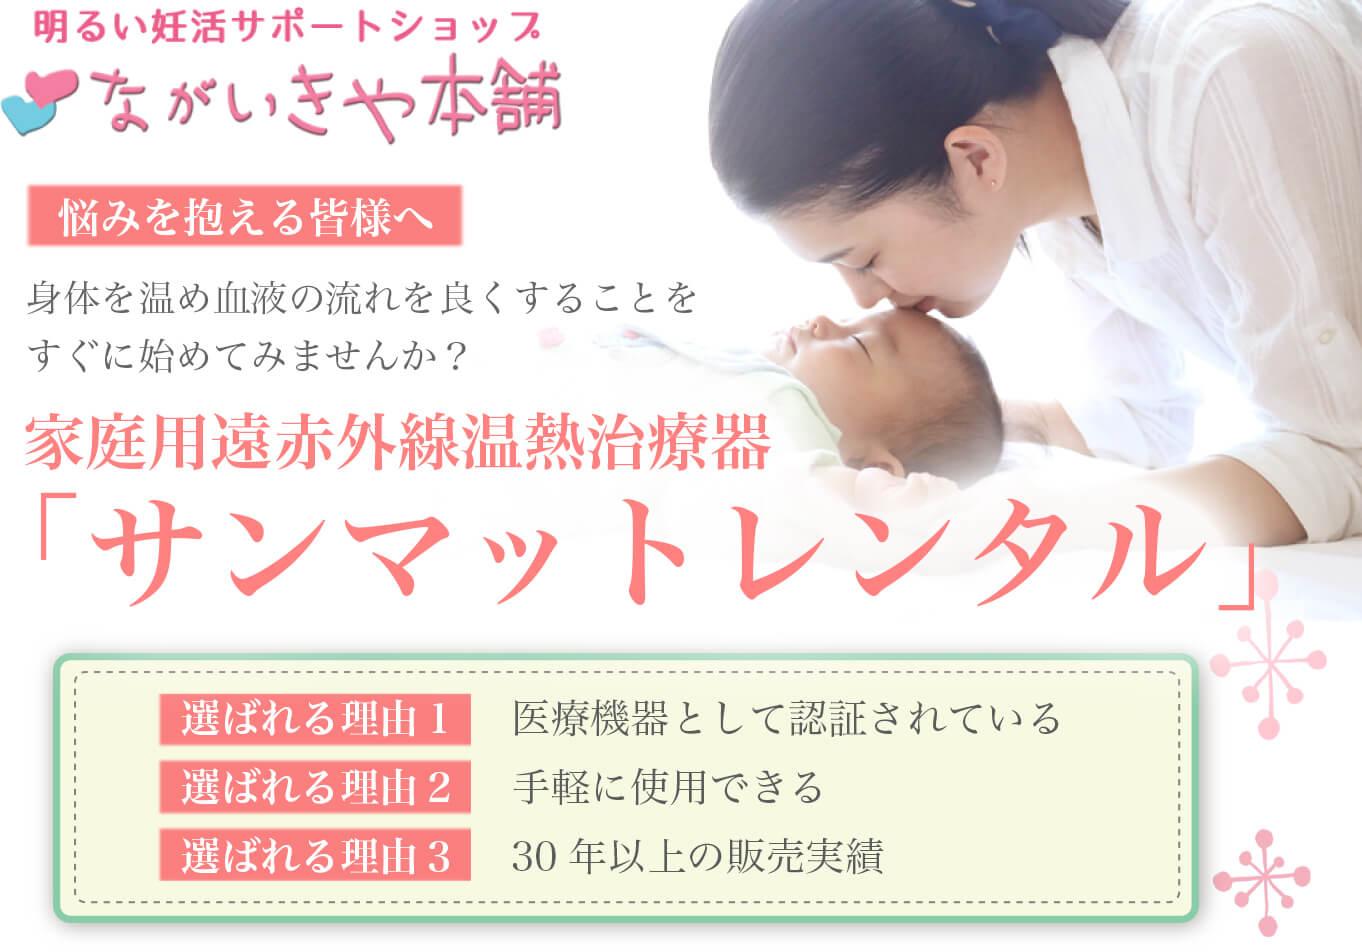 サンマット紹介1